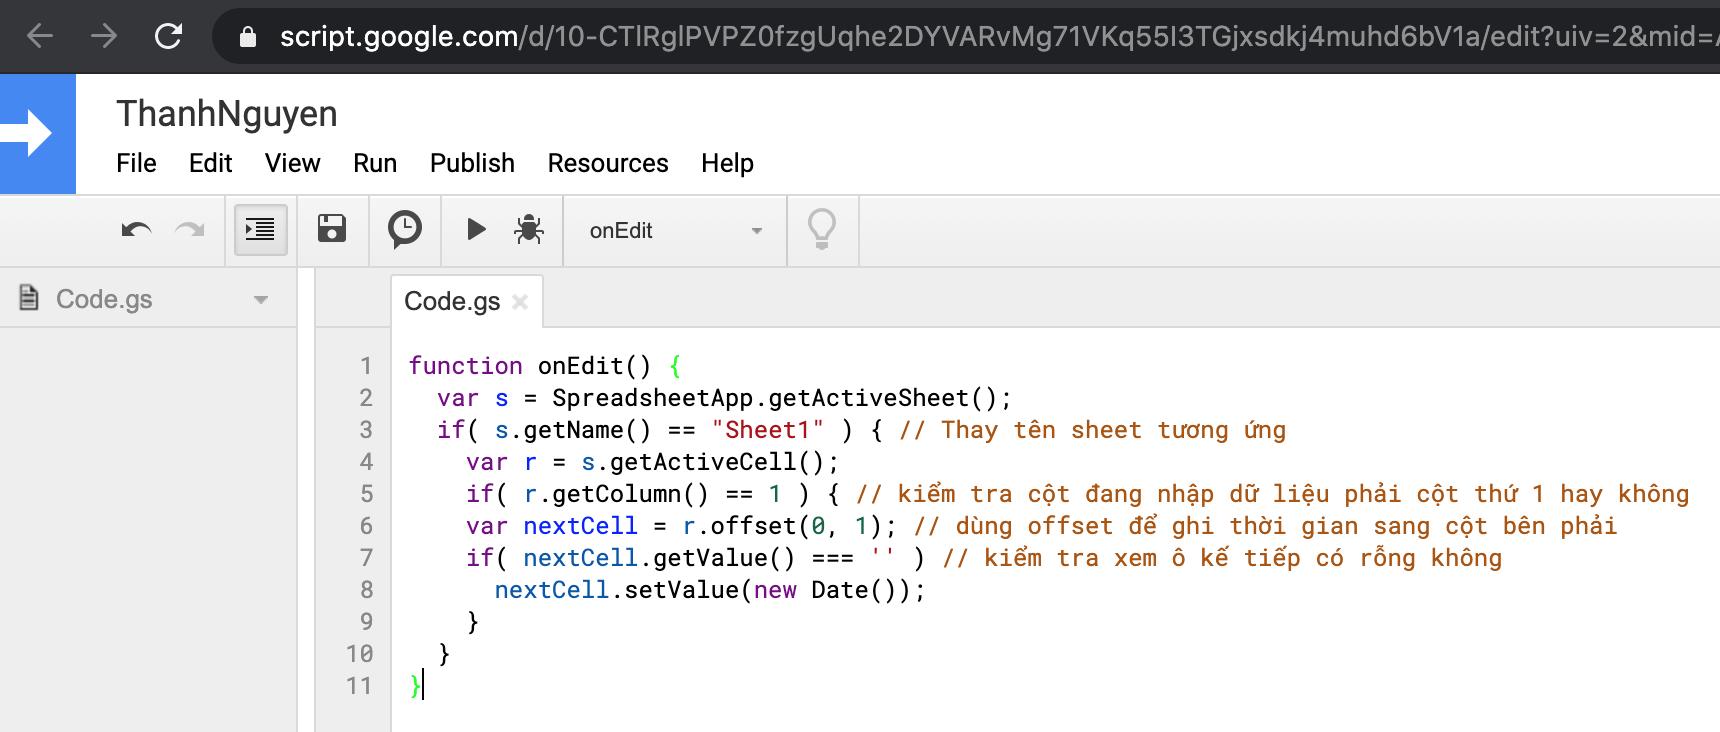 dan code vao script editor